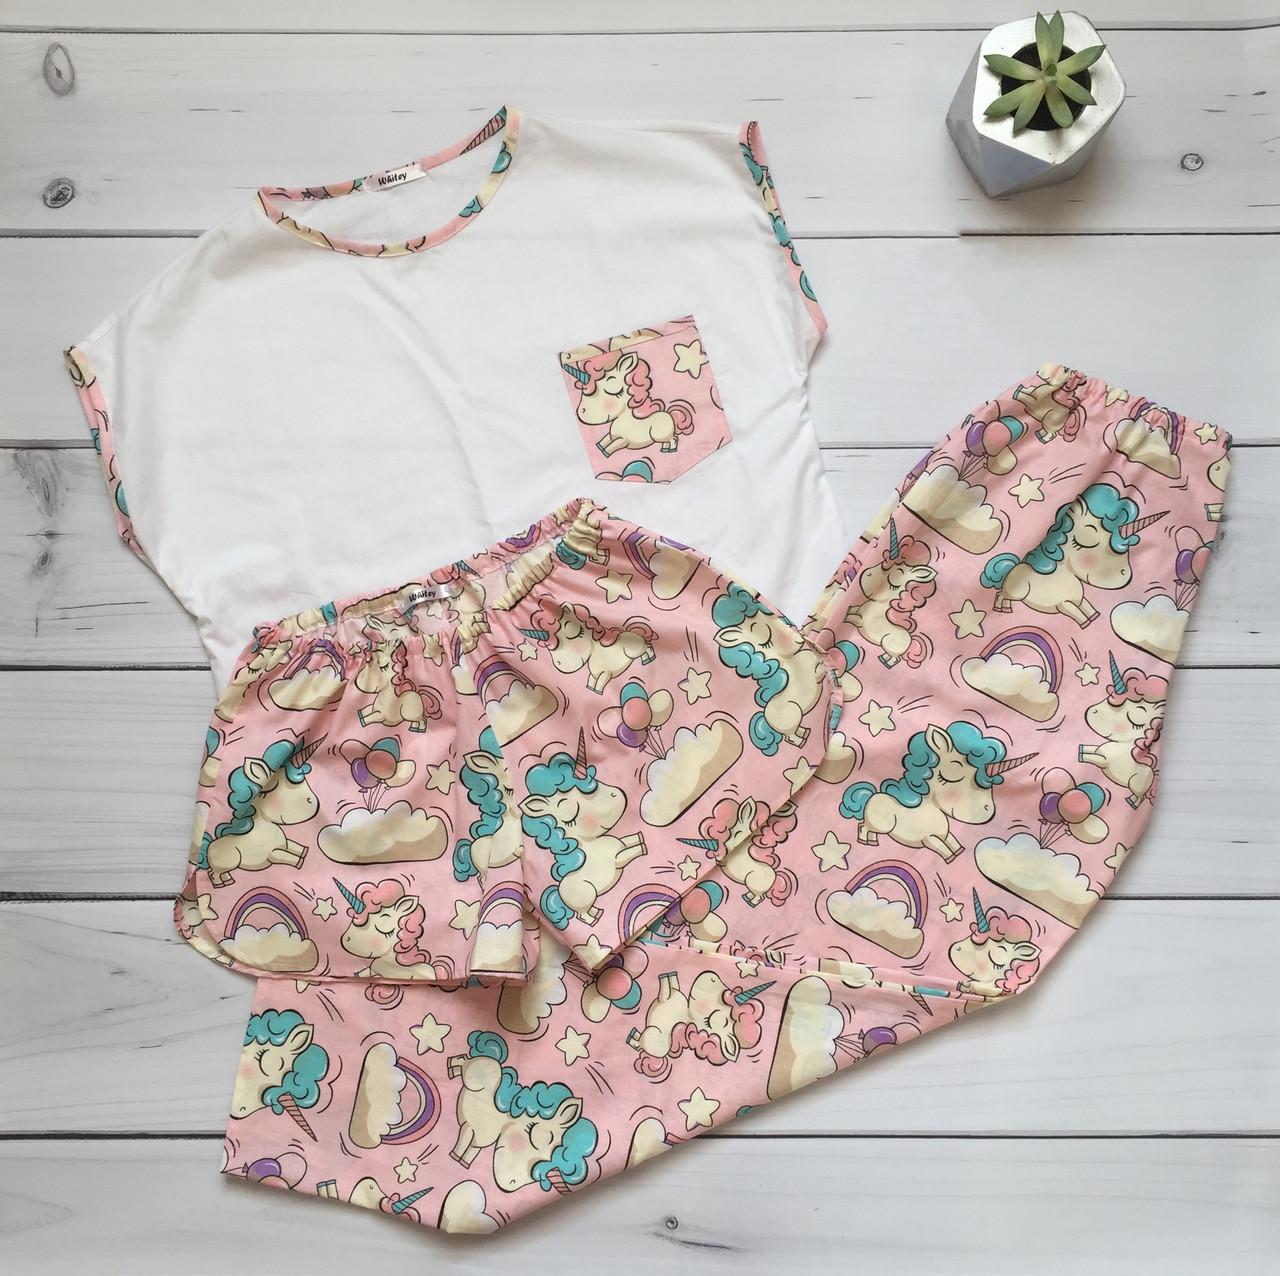 Пижама женская (Штаны и футболка) Единороги, хлопок